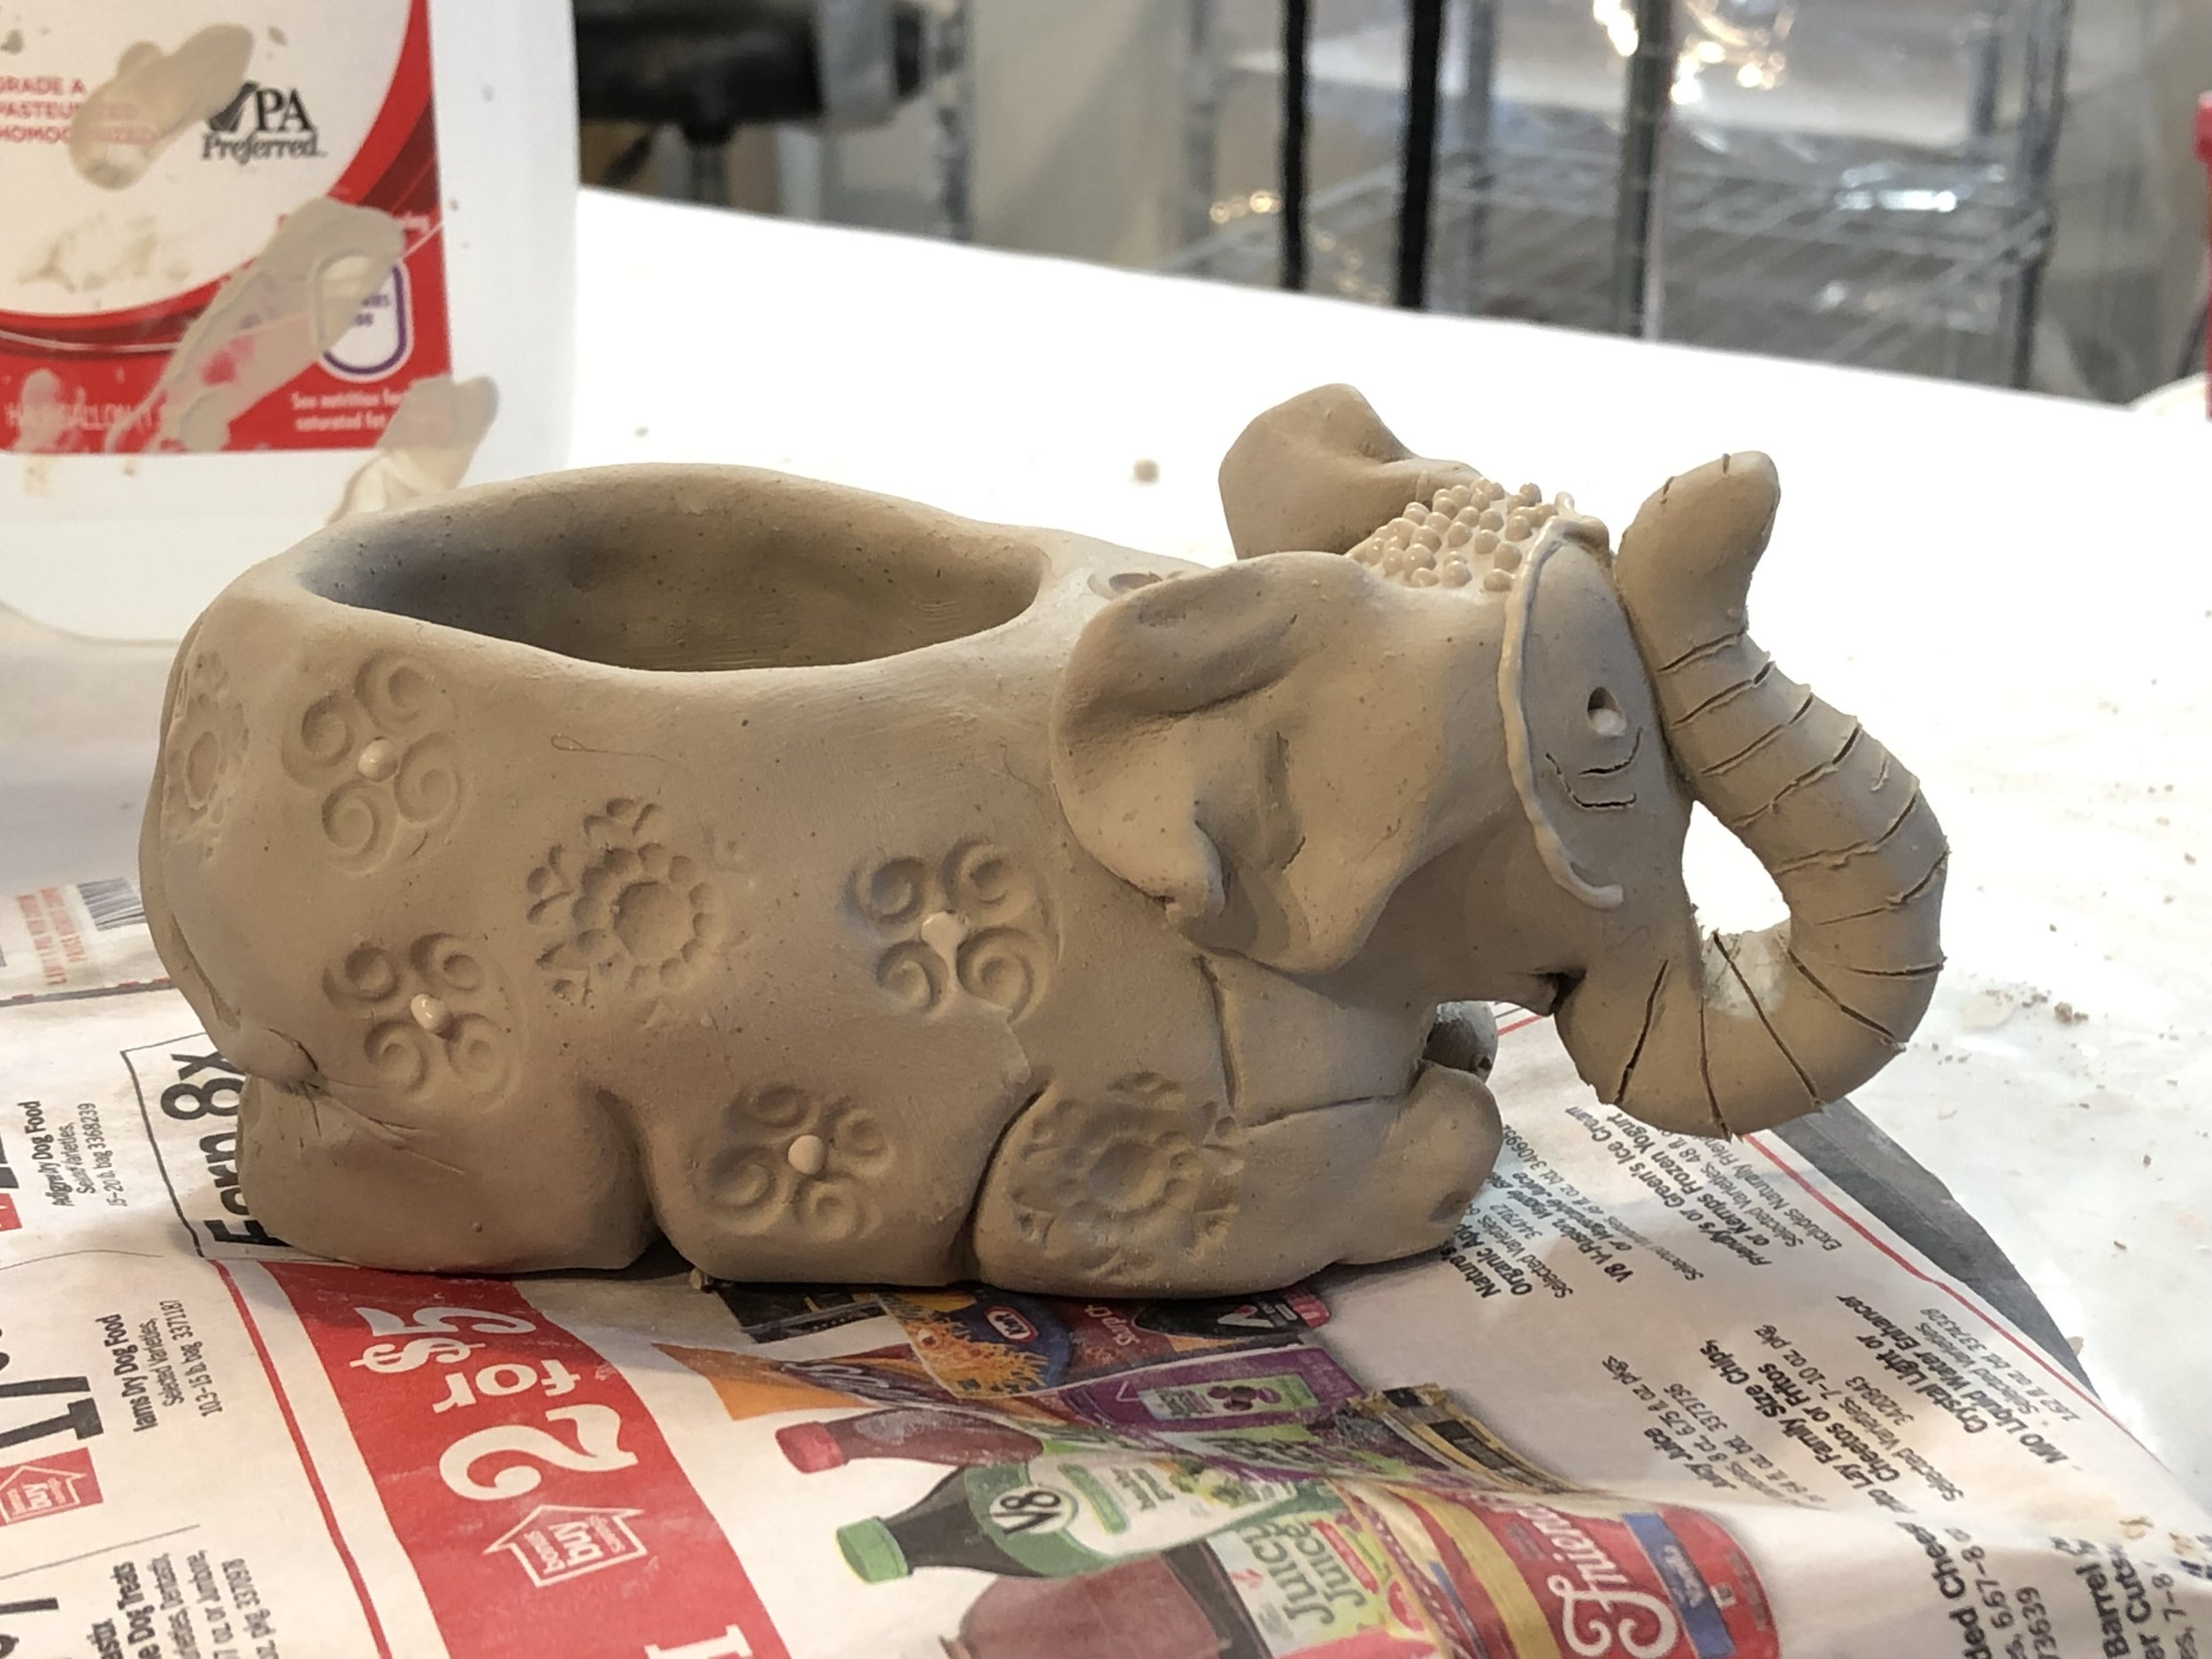 elephant stamped slip trailed.jpeg